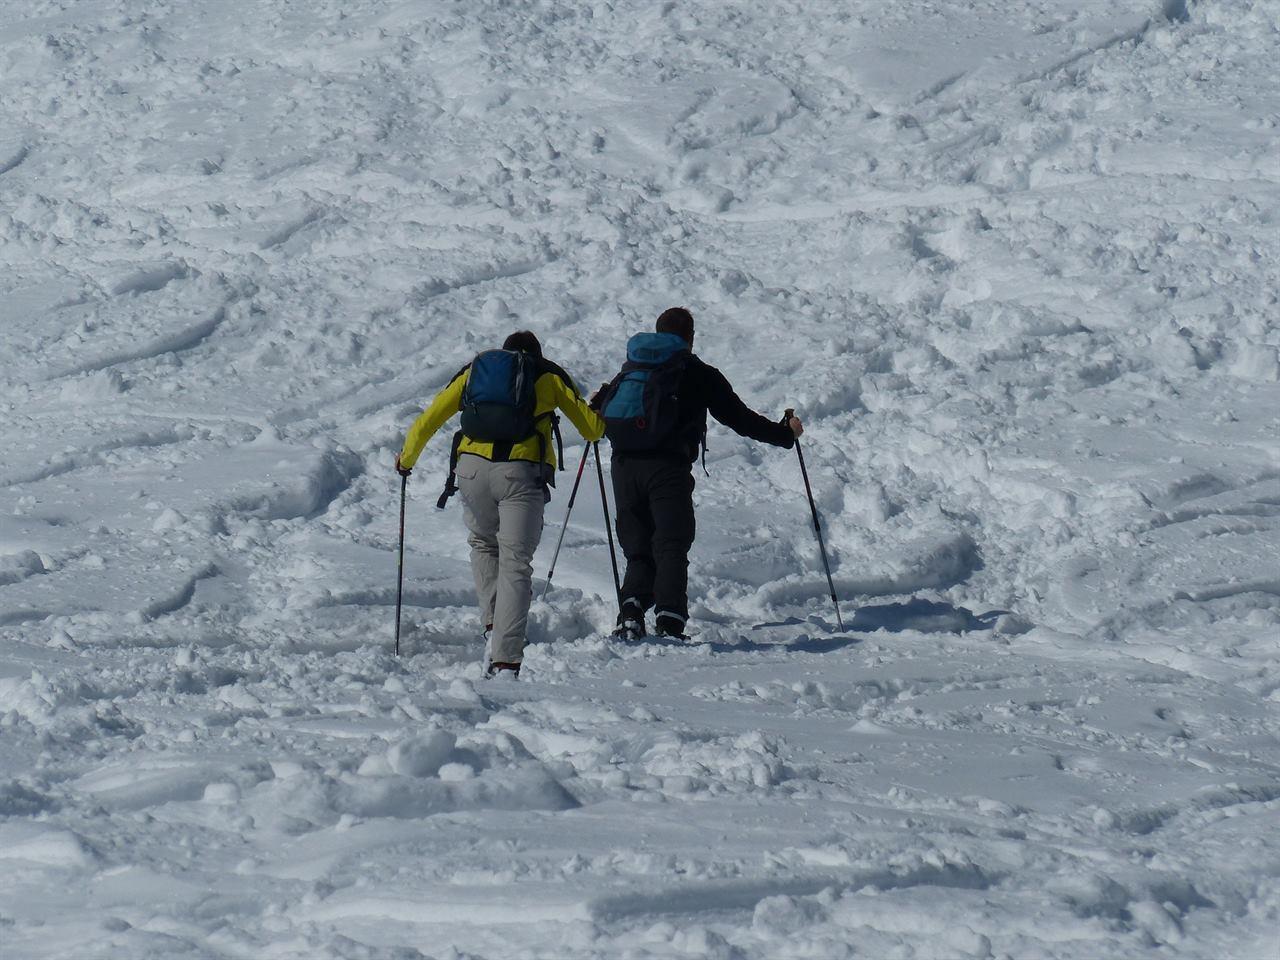 Туристы путешествуют по зимнему лесу